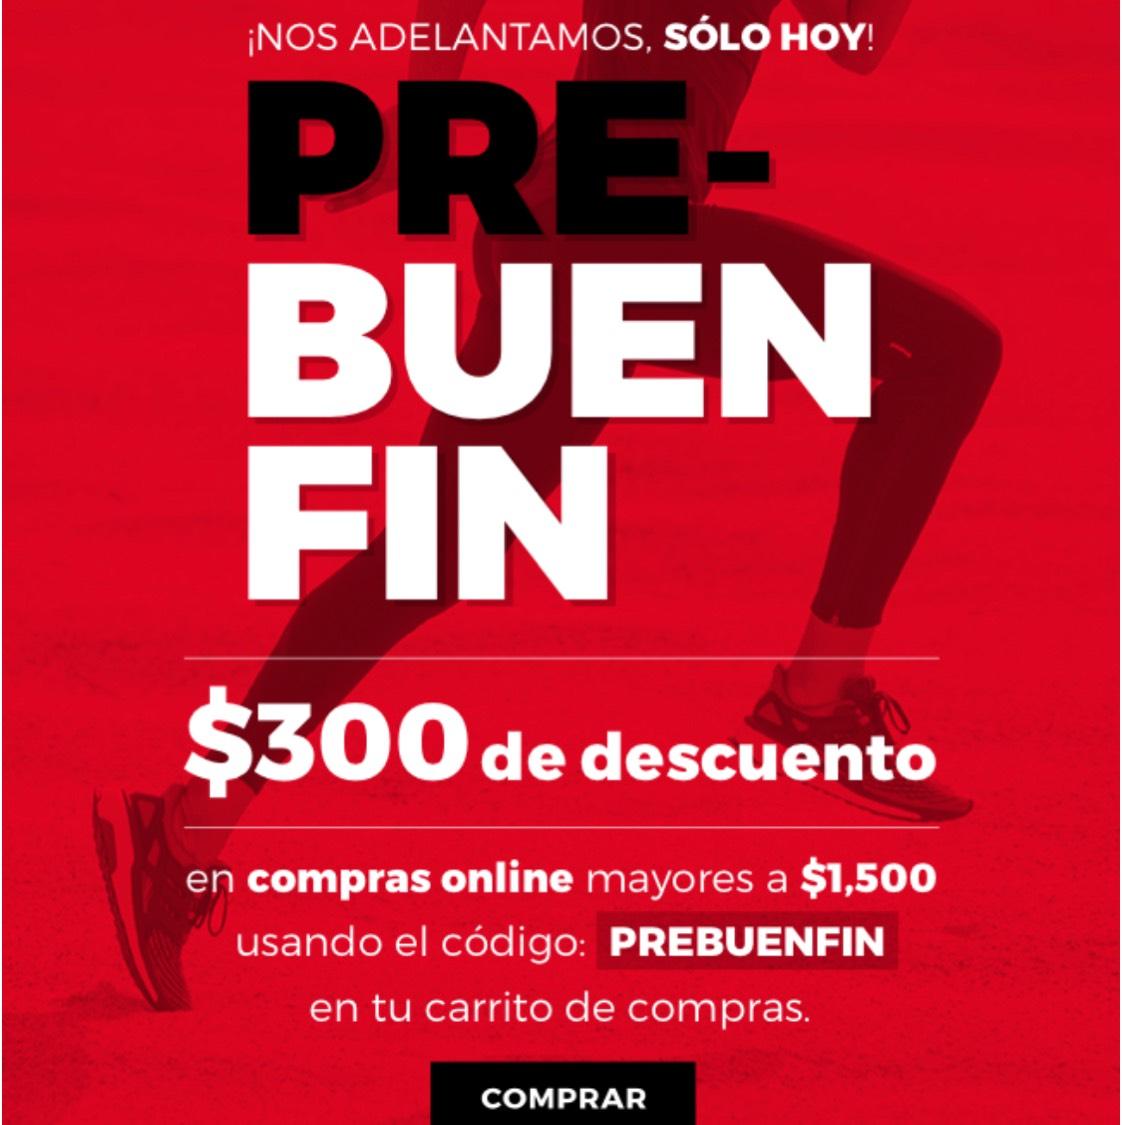 Ofertas Pre Buen Fin 2017 Innova Sport: cupón de $300 de descuento